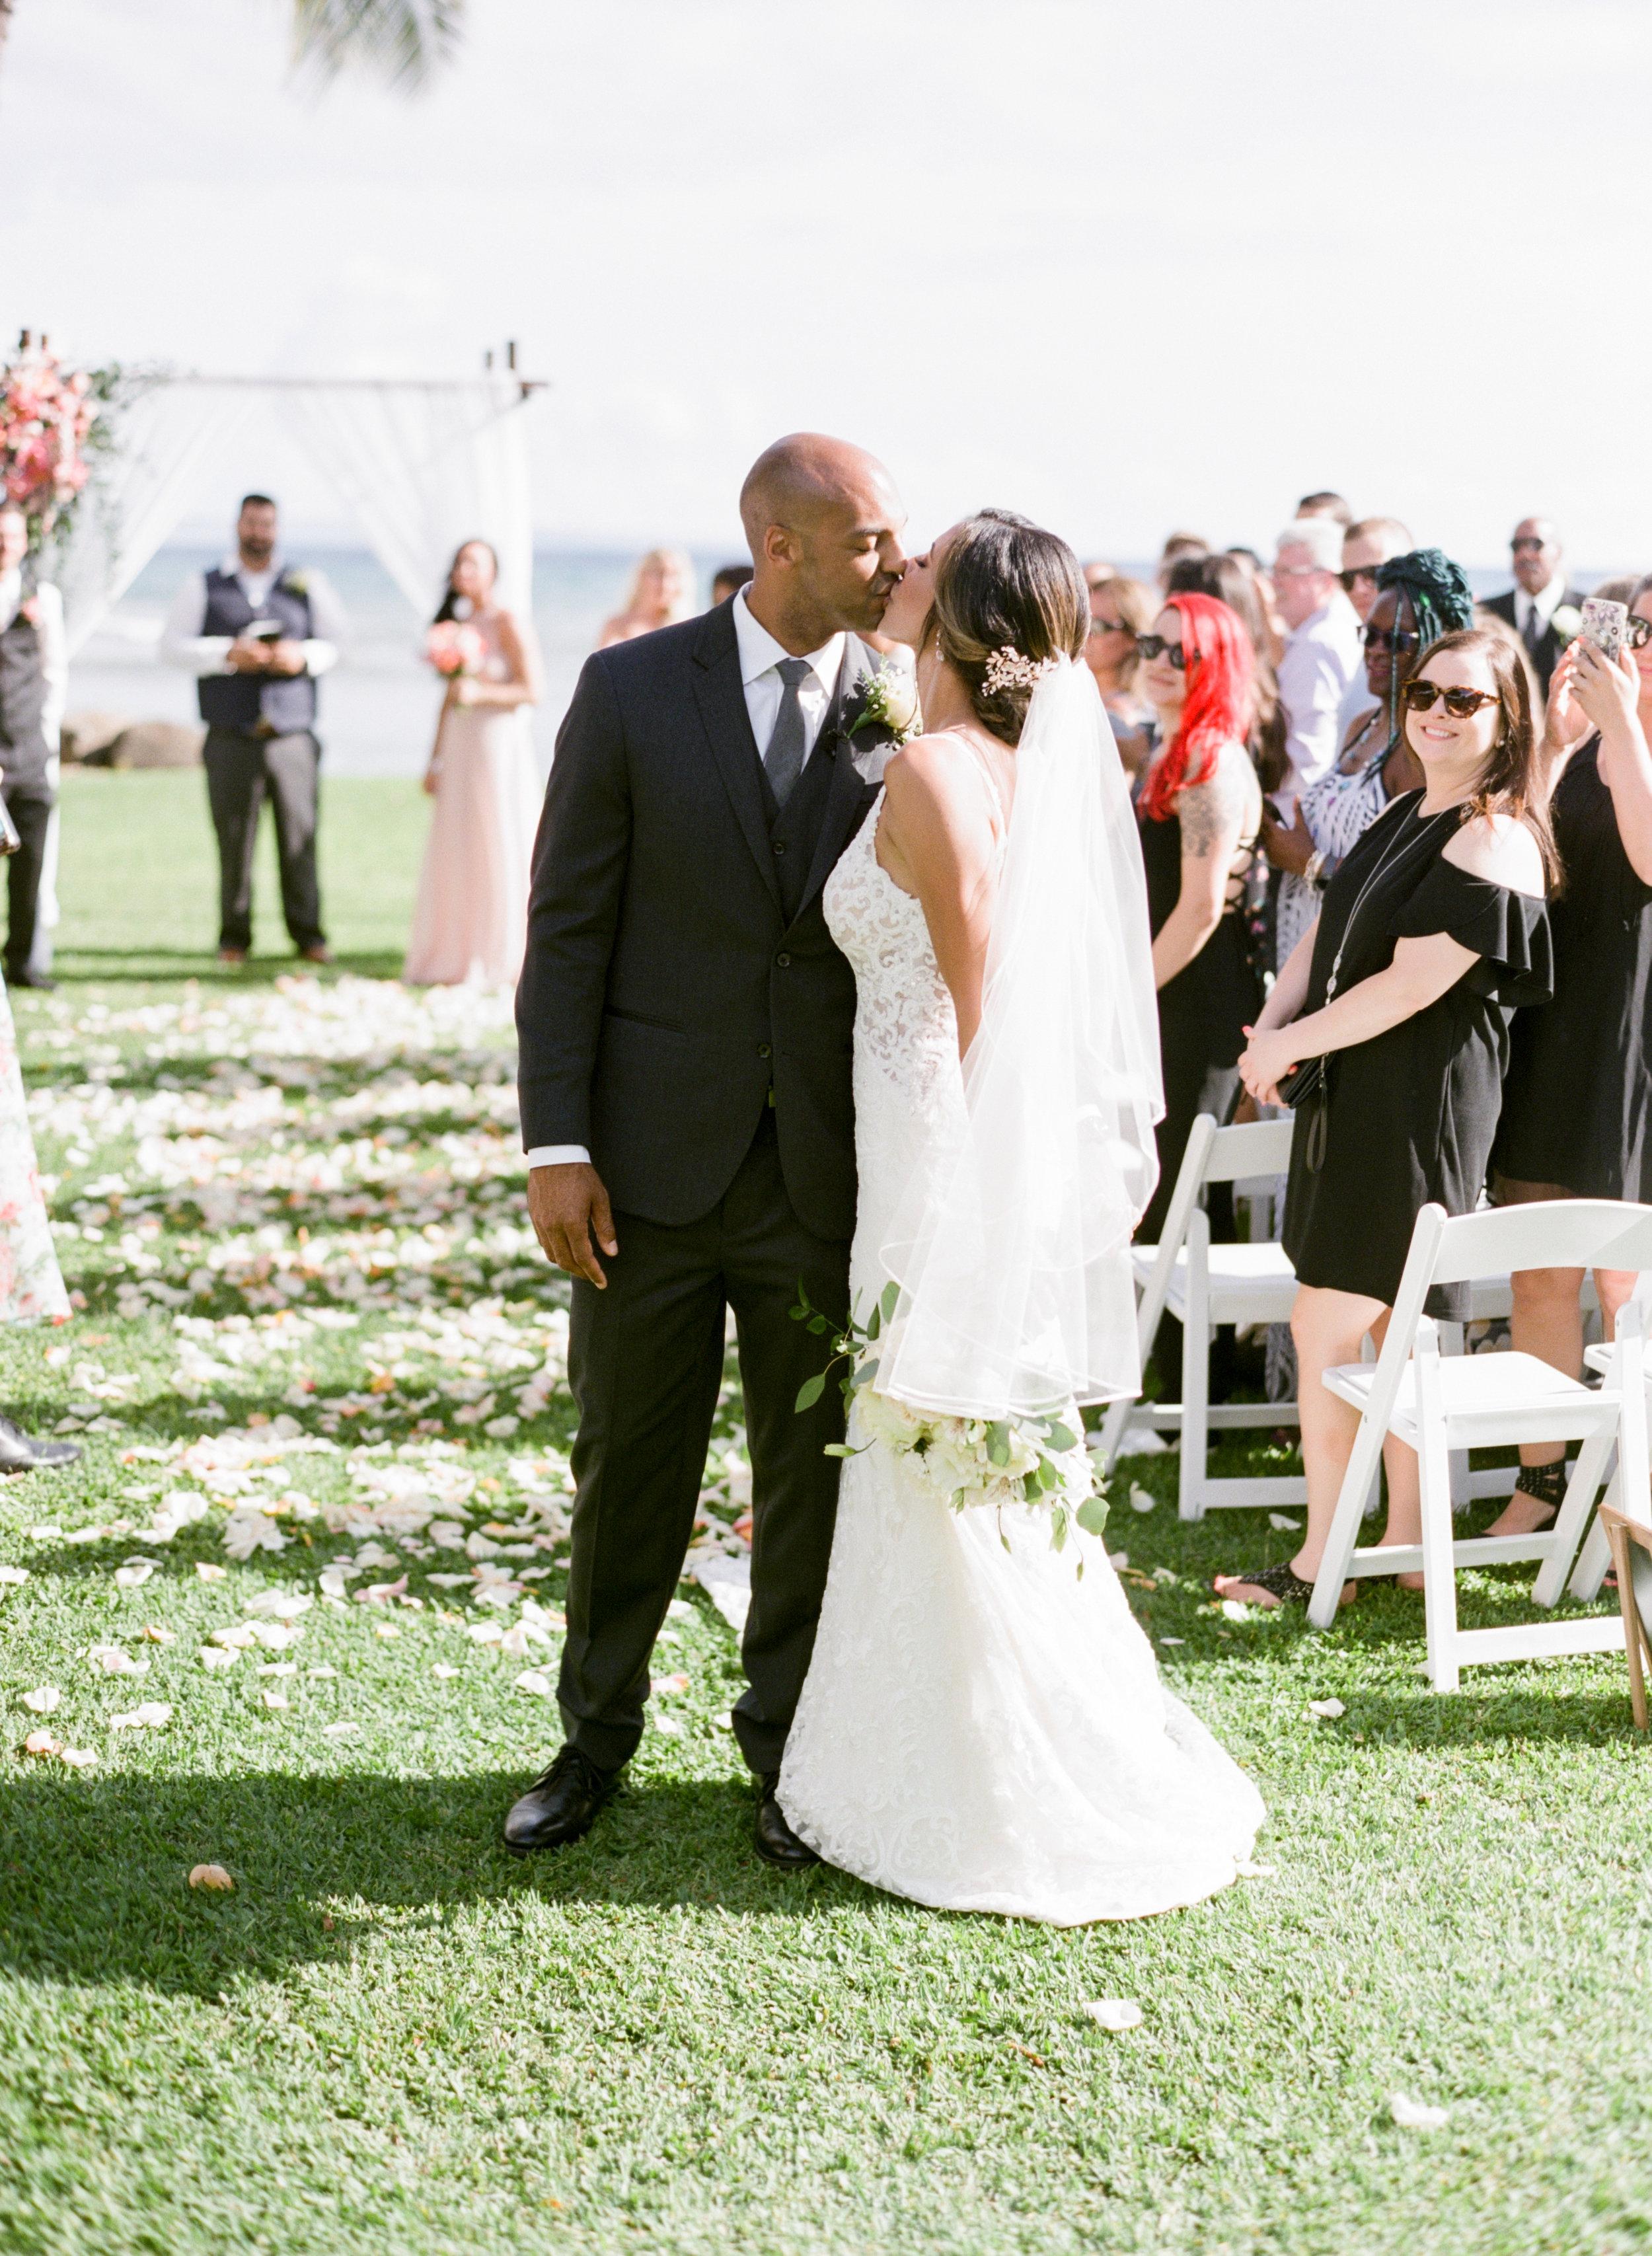 Olowalu-plantation-house-maui-hawaii-wedding-151.jpg